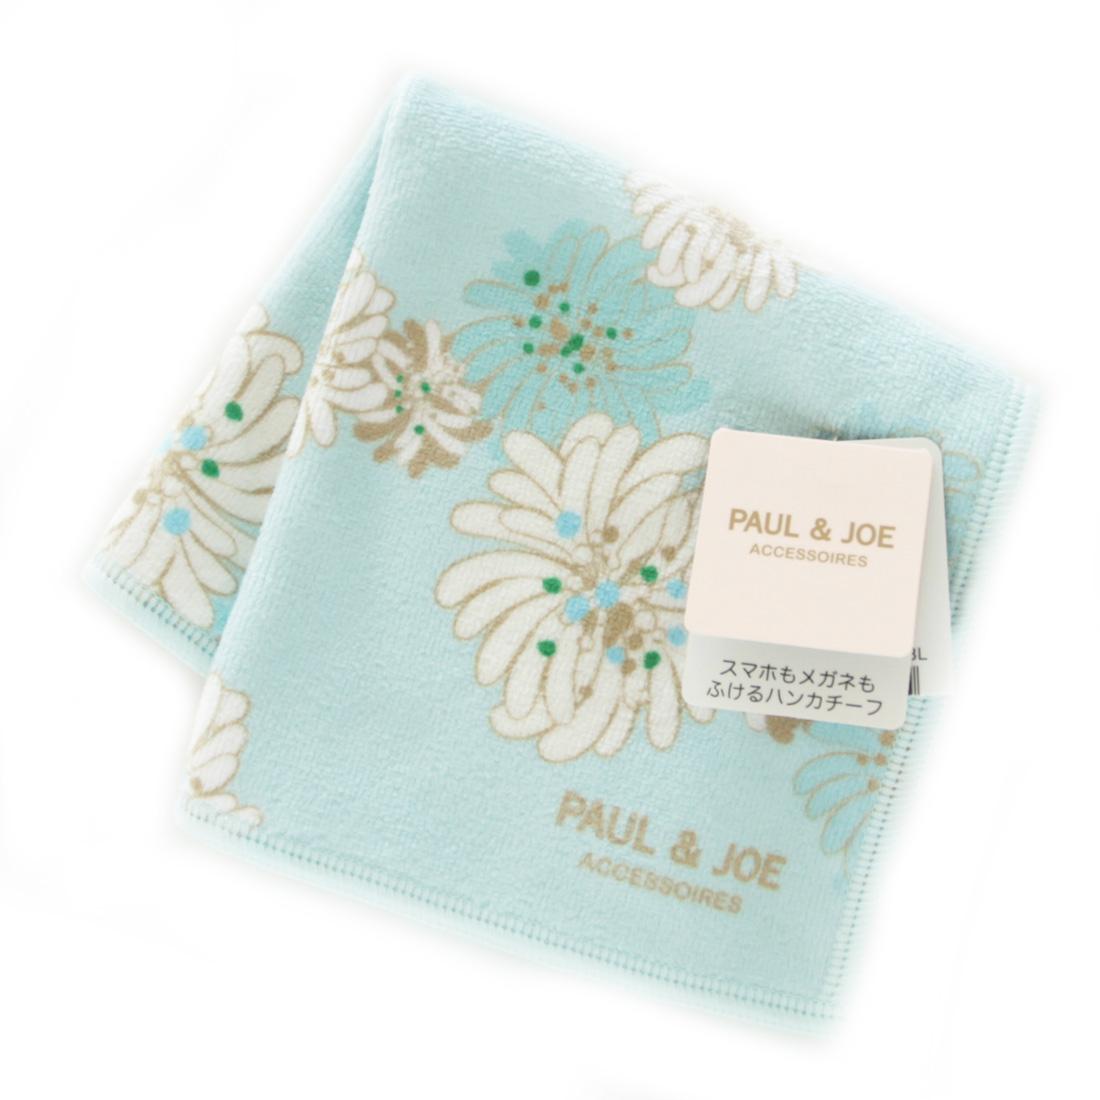 PAULJOE ACCESSOIRES ポールアンドジョー アクセソワ リバーシブル 新商品!新型 ブルー スマホ拭きハンカチ 0203 高品質